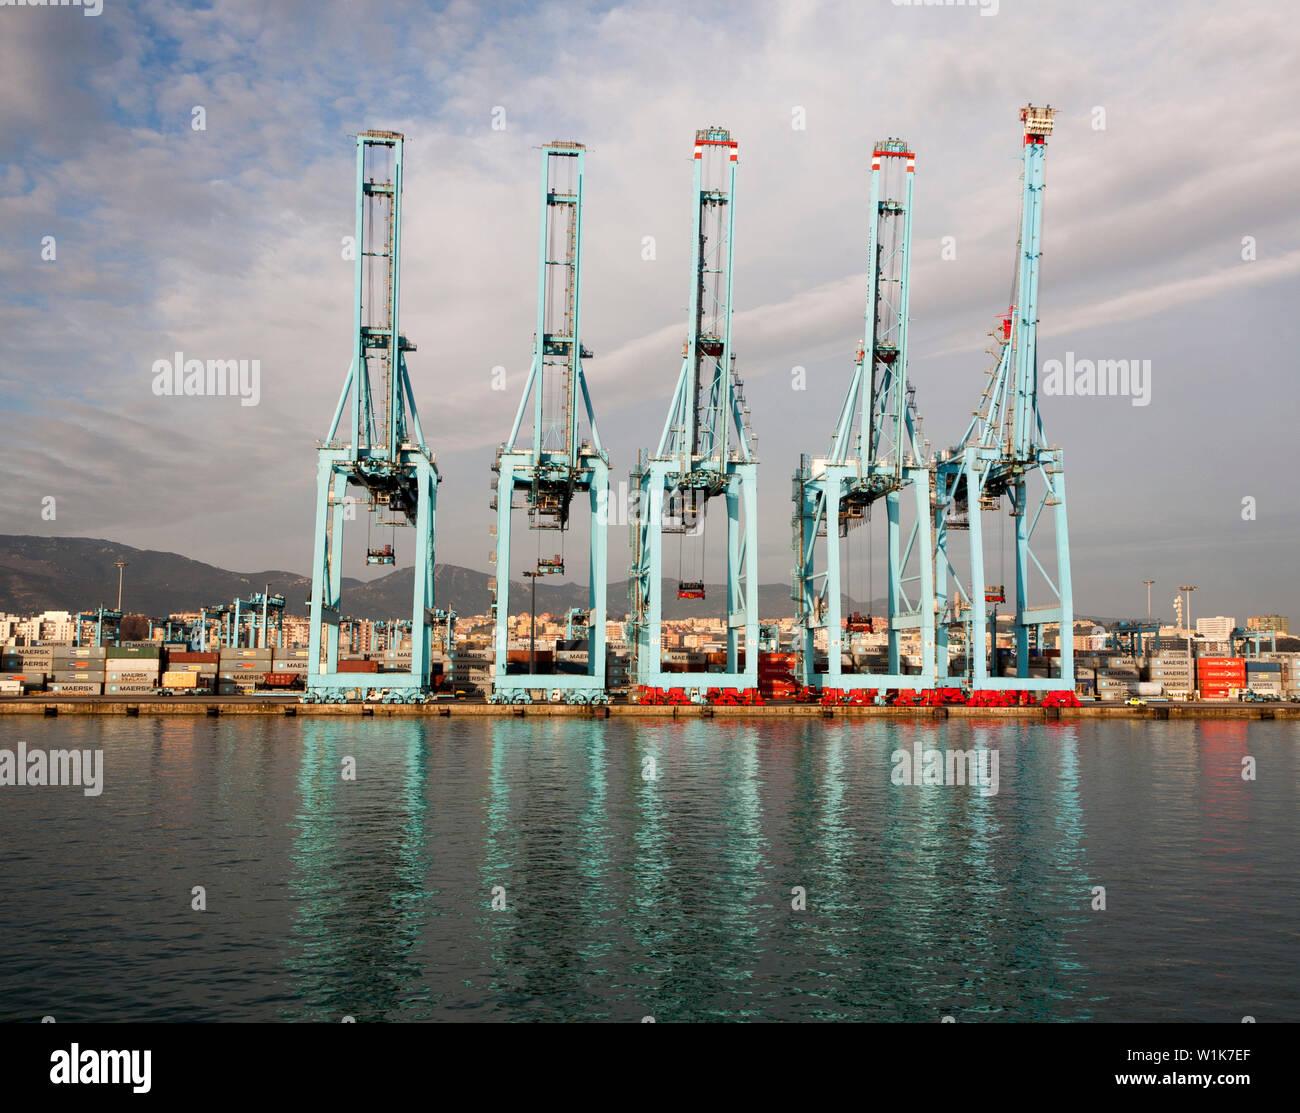 Large cranes APM Terminals container ship port at Algeciras, Cadiz Province, Spain - Stock Image